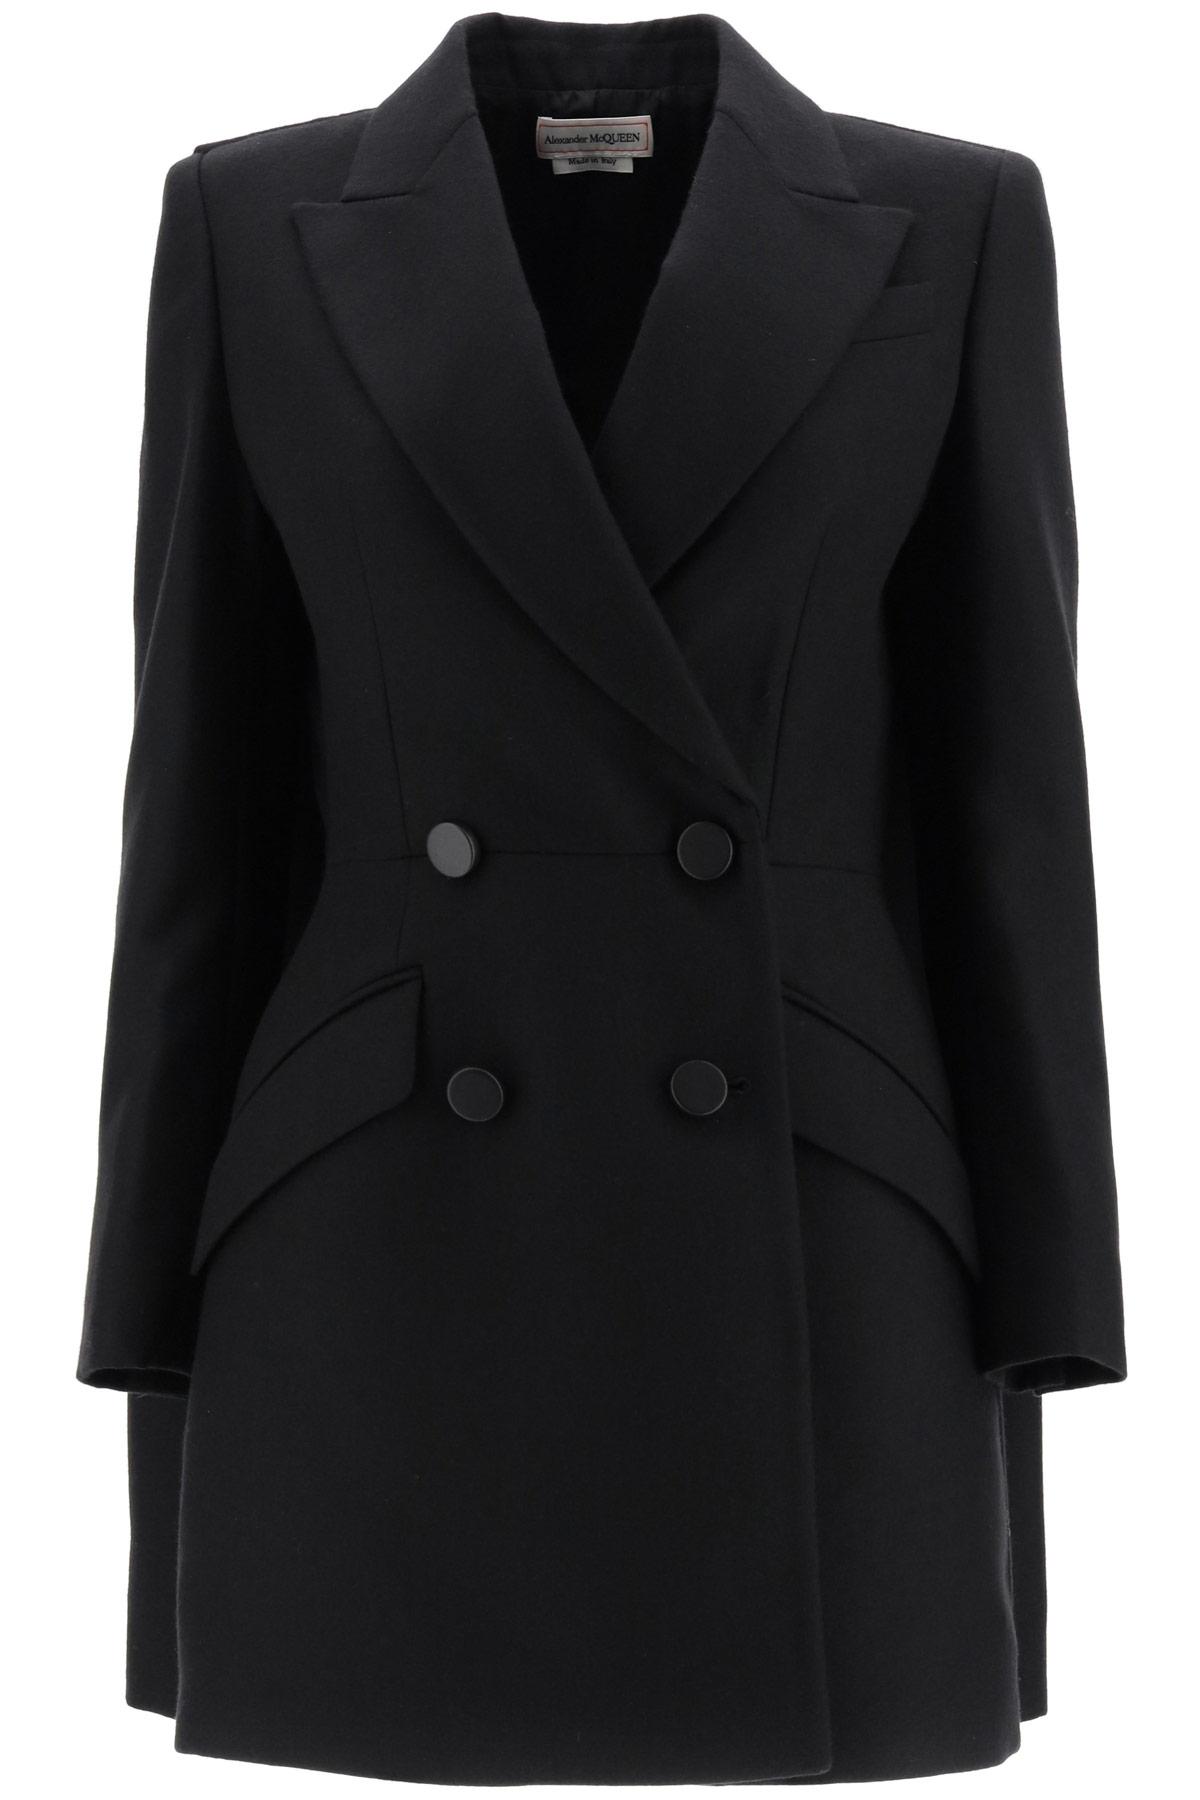 ALEXANDER MCQUEEN WOOL COAT 40 Black Wool